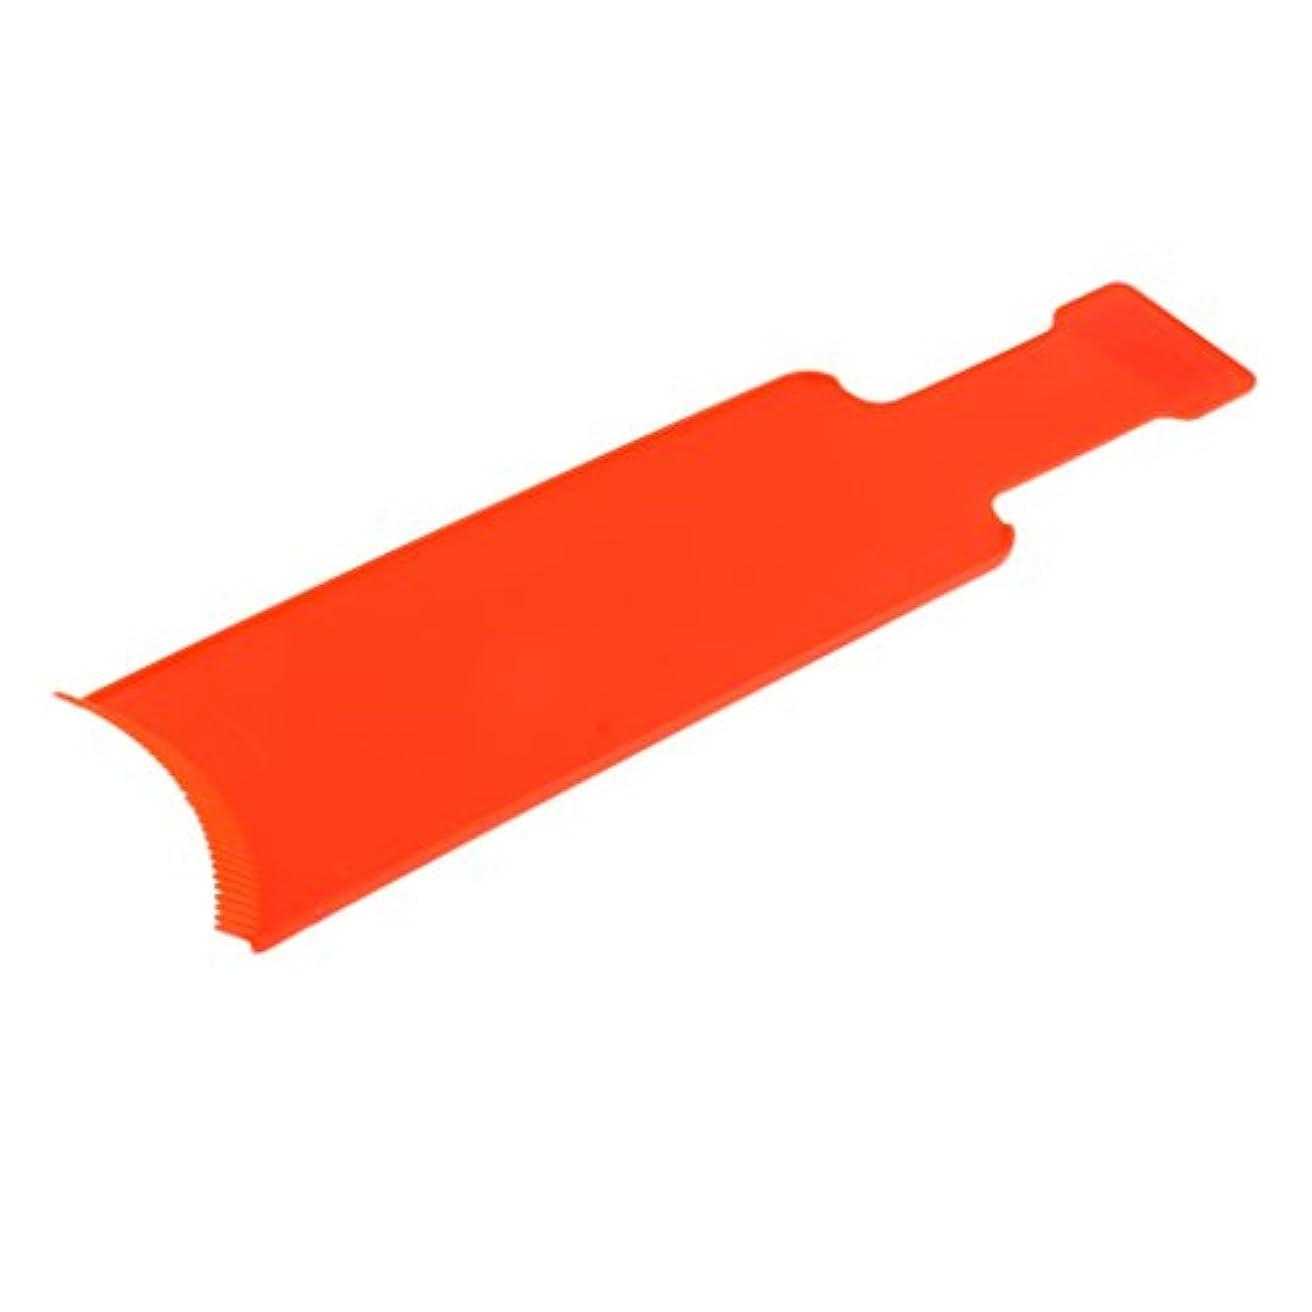 午後可能プラットフォーム染色櫛プレート 染めボード ヘアカラー 櫛 着色ボード ヘアブラシ セルフヘルプ プロ 家庭用 2サイズ2色選べる - オレンジ, L